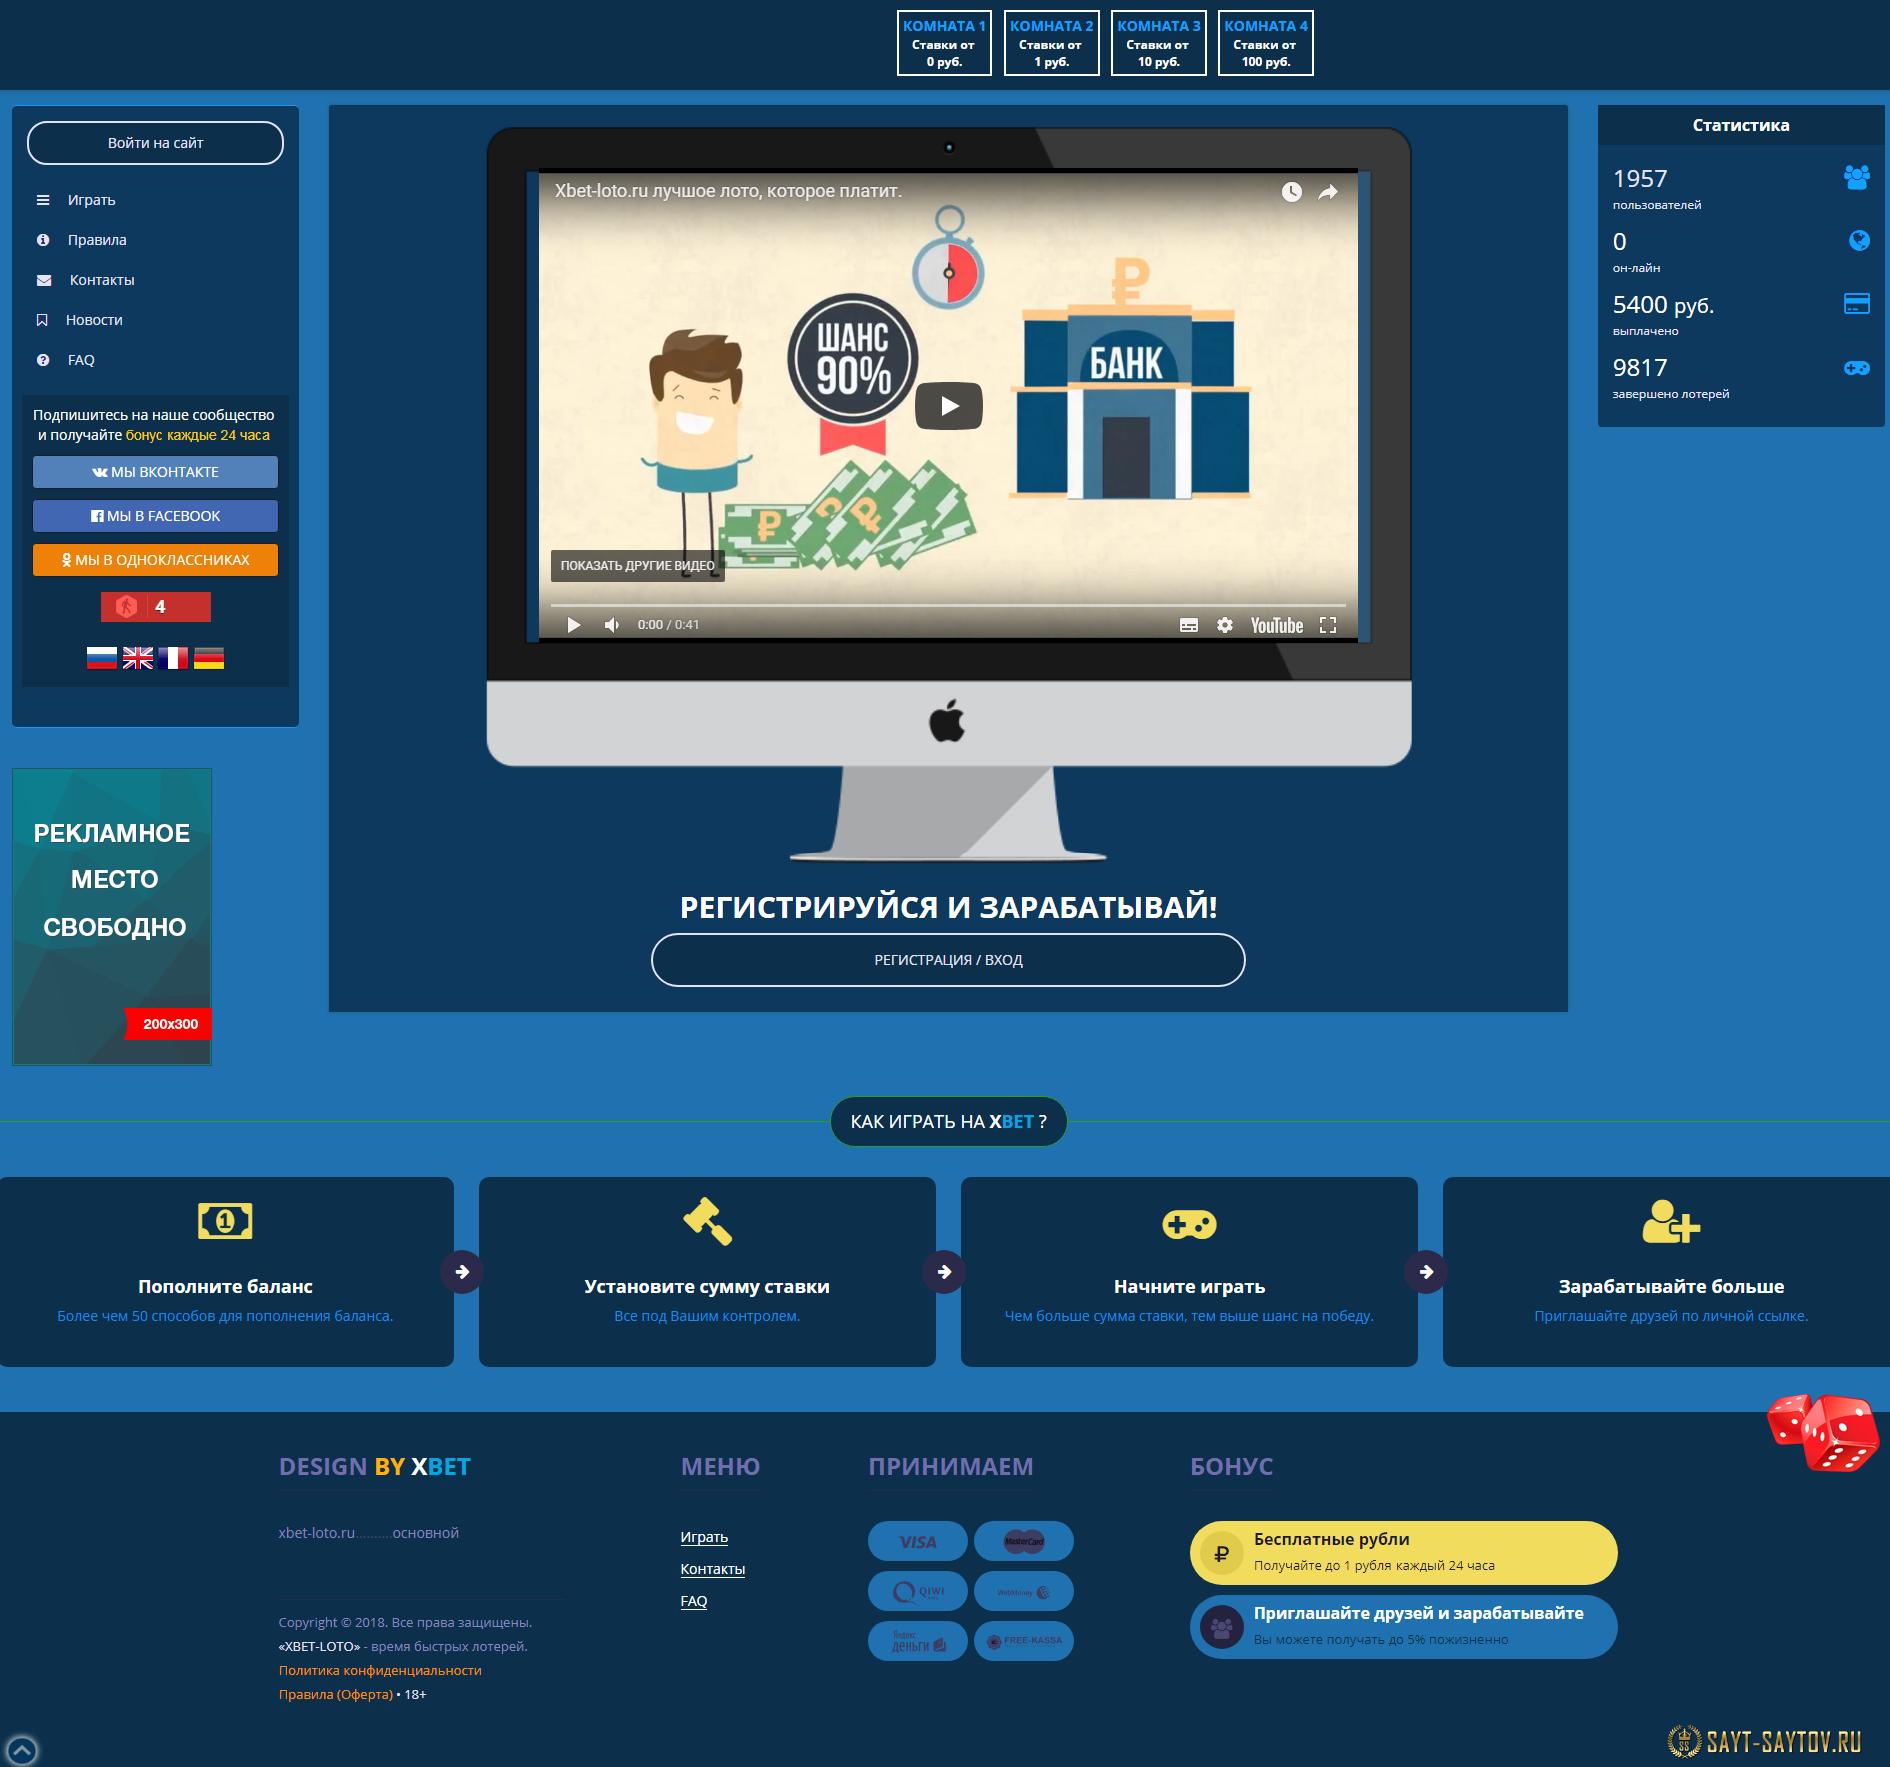 Скрипт биткоин казино скачать бесплатно игровые автоматы он-лайн халява